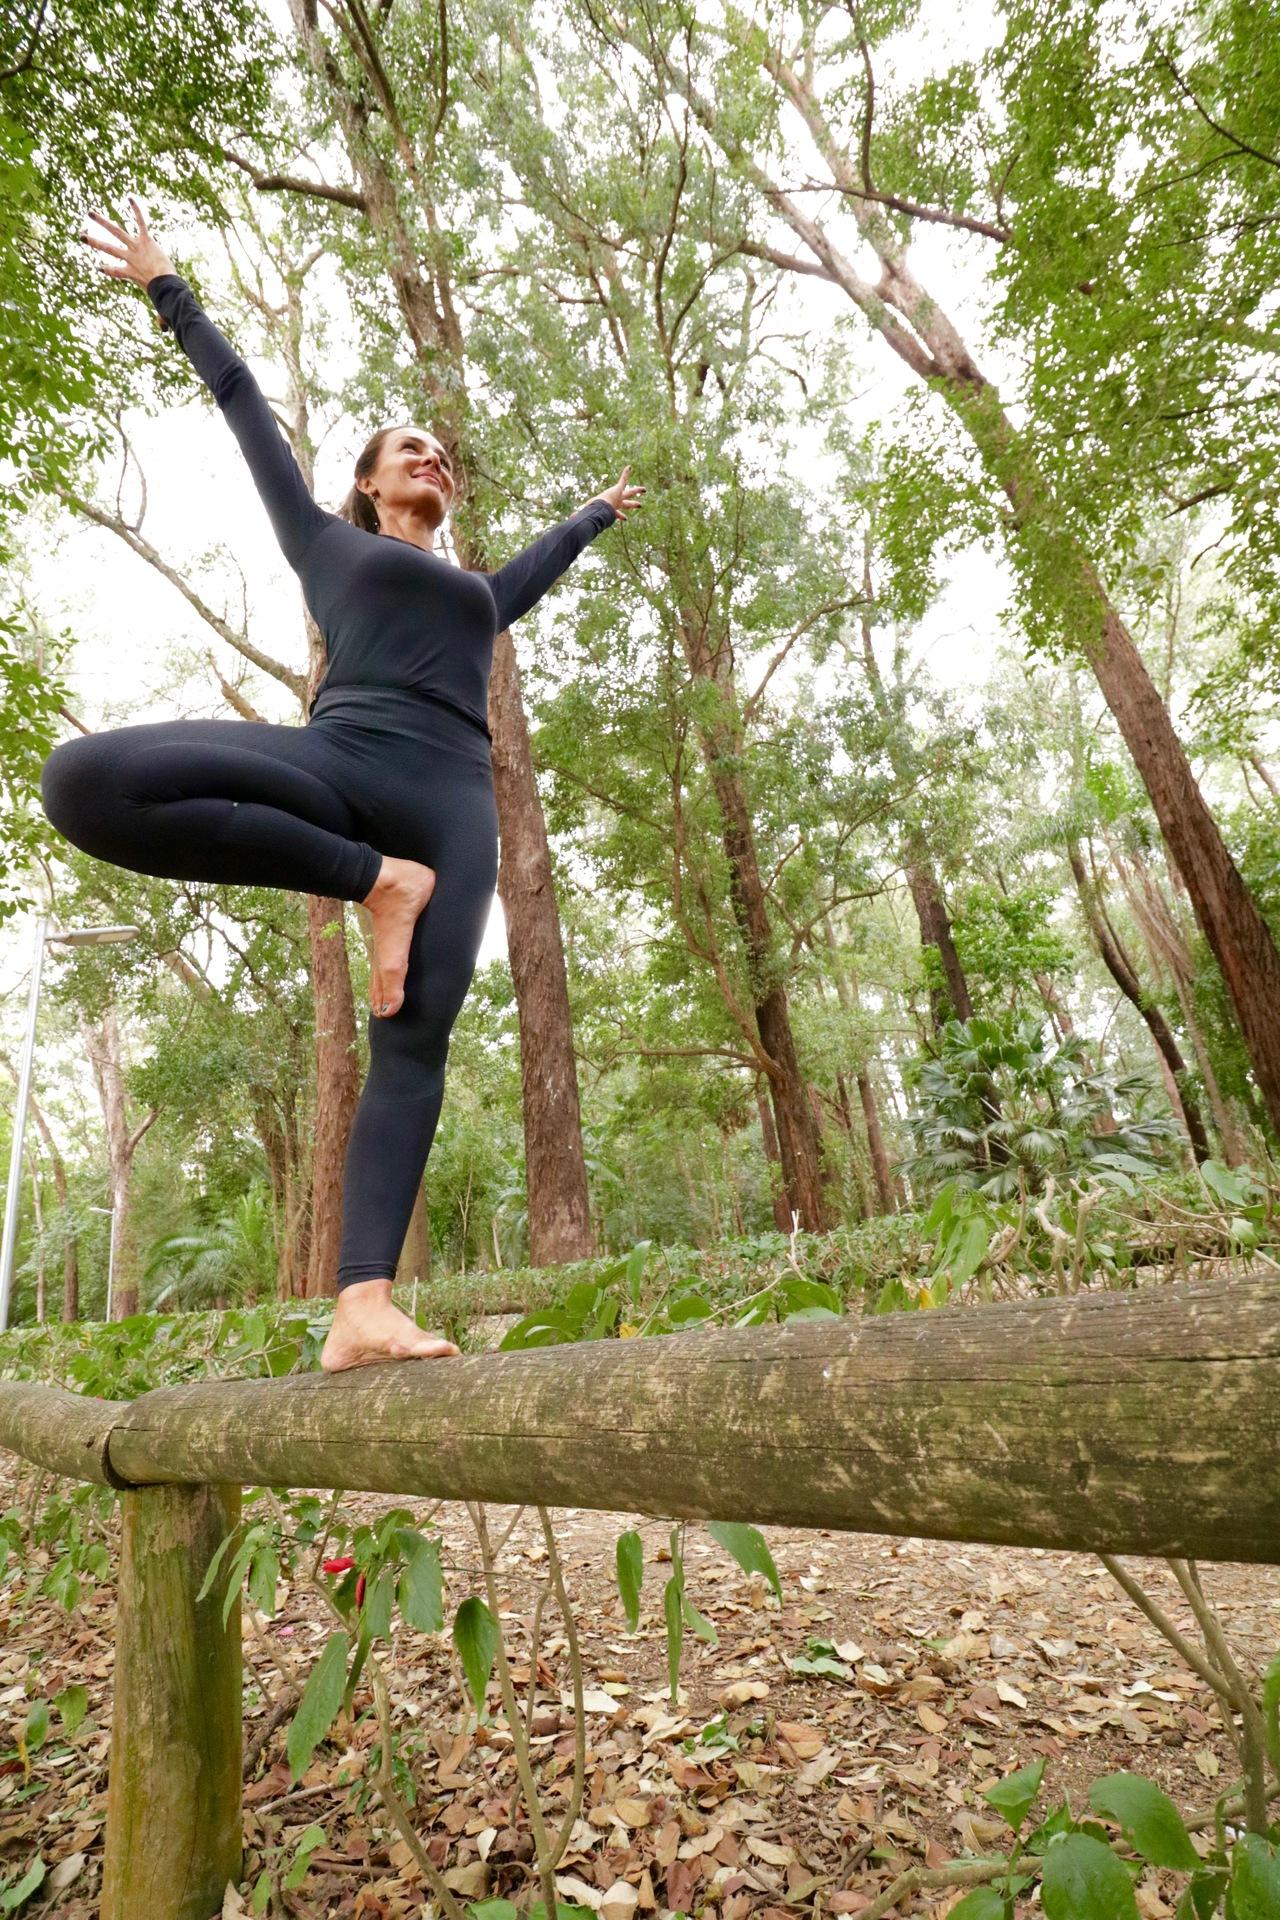 mulher se equilibrando em cima de um galho de árvore